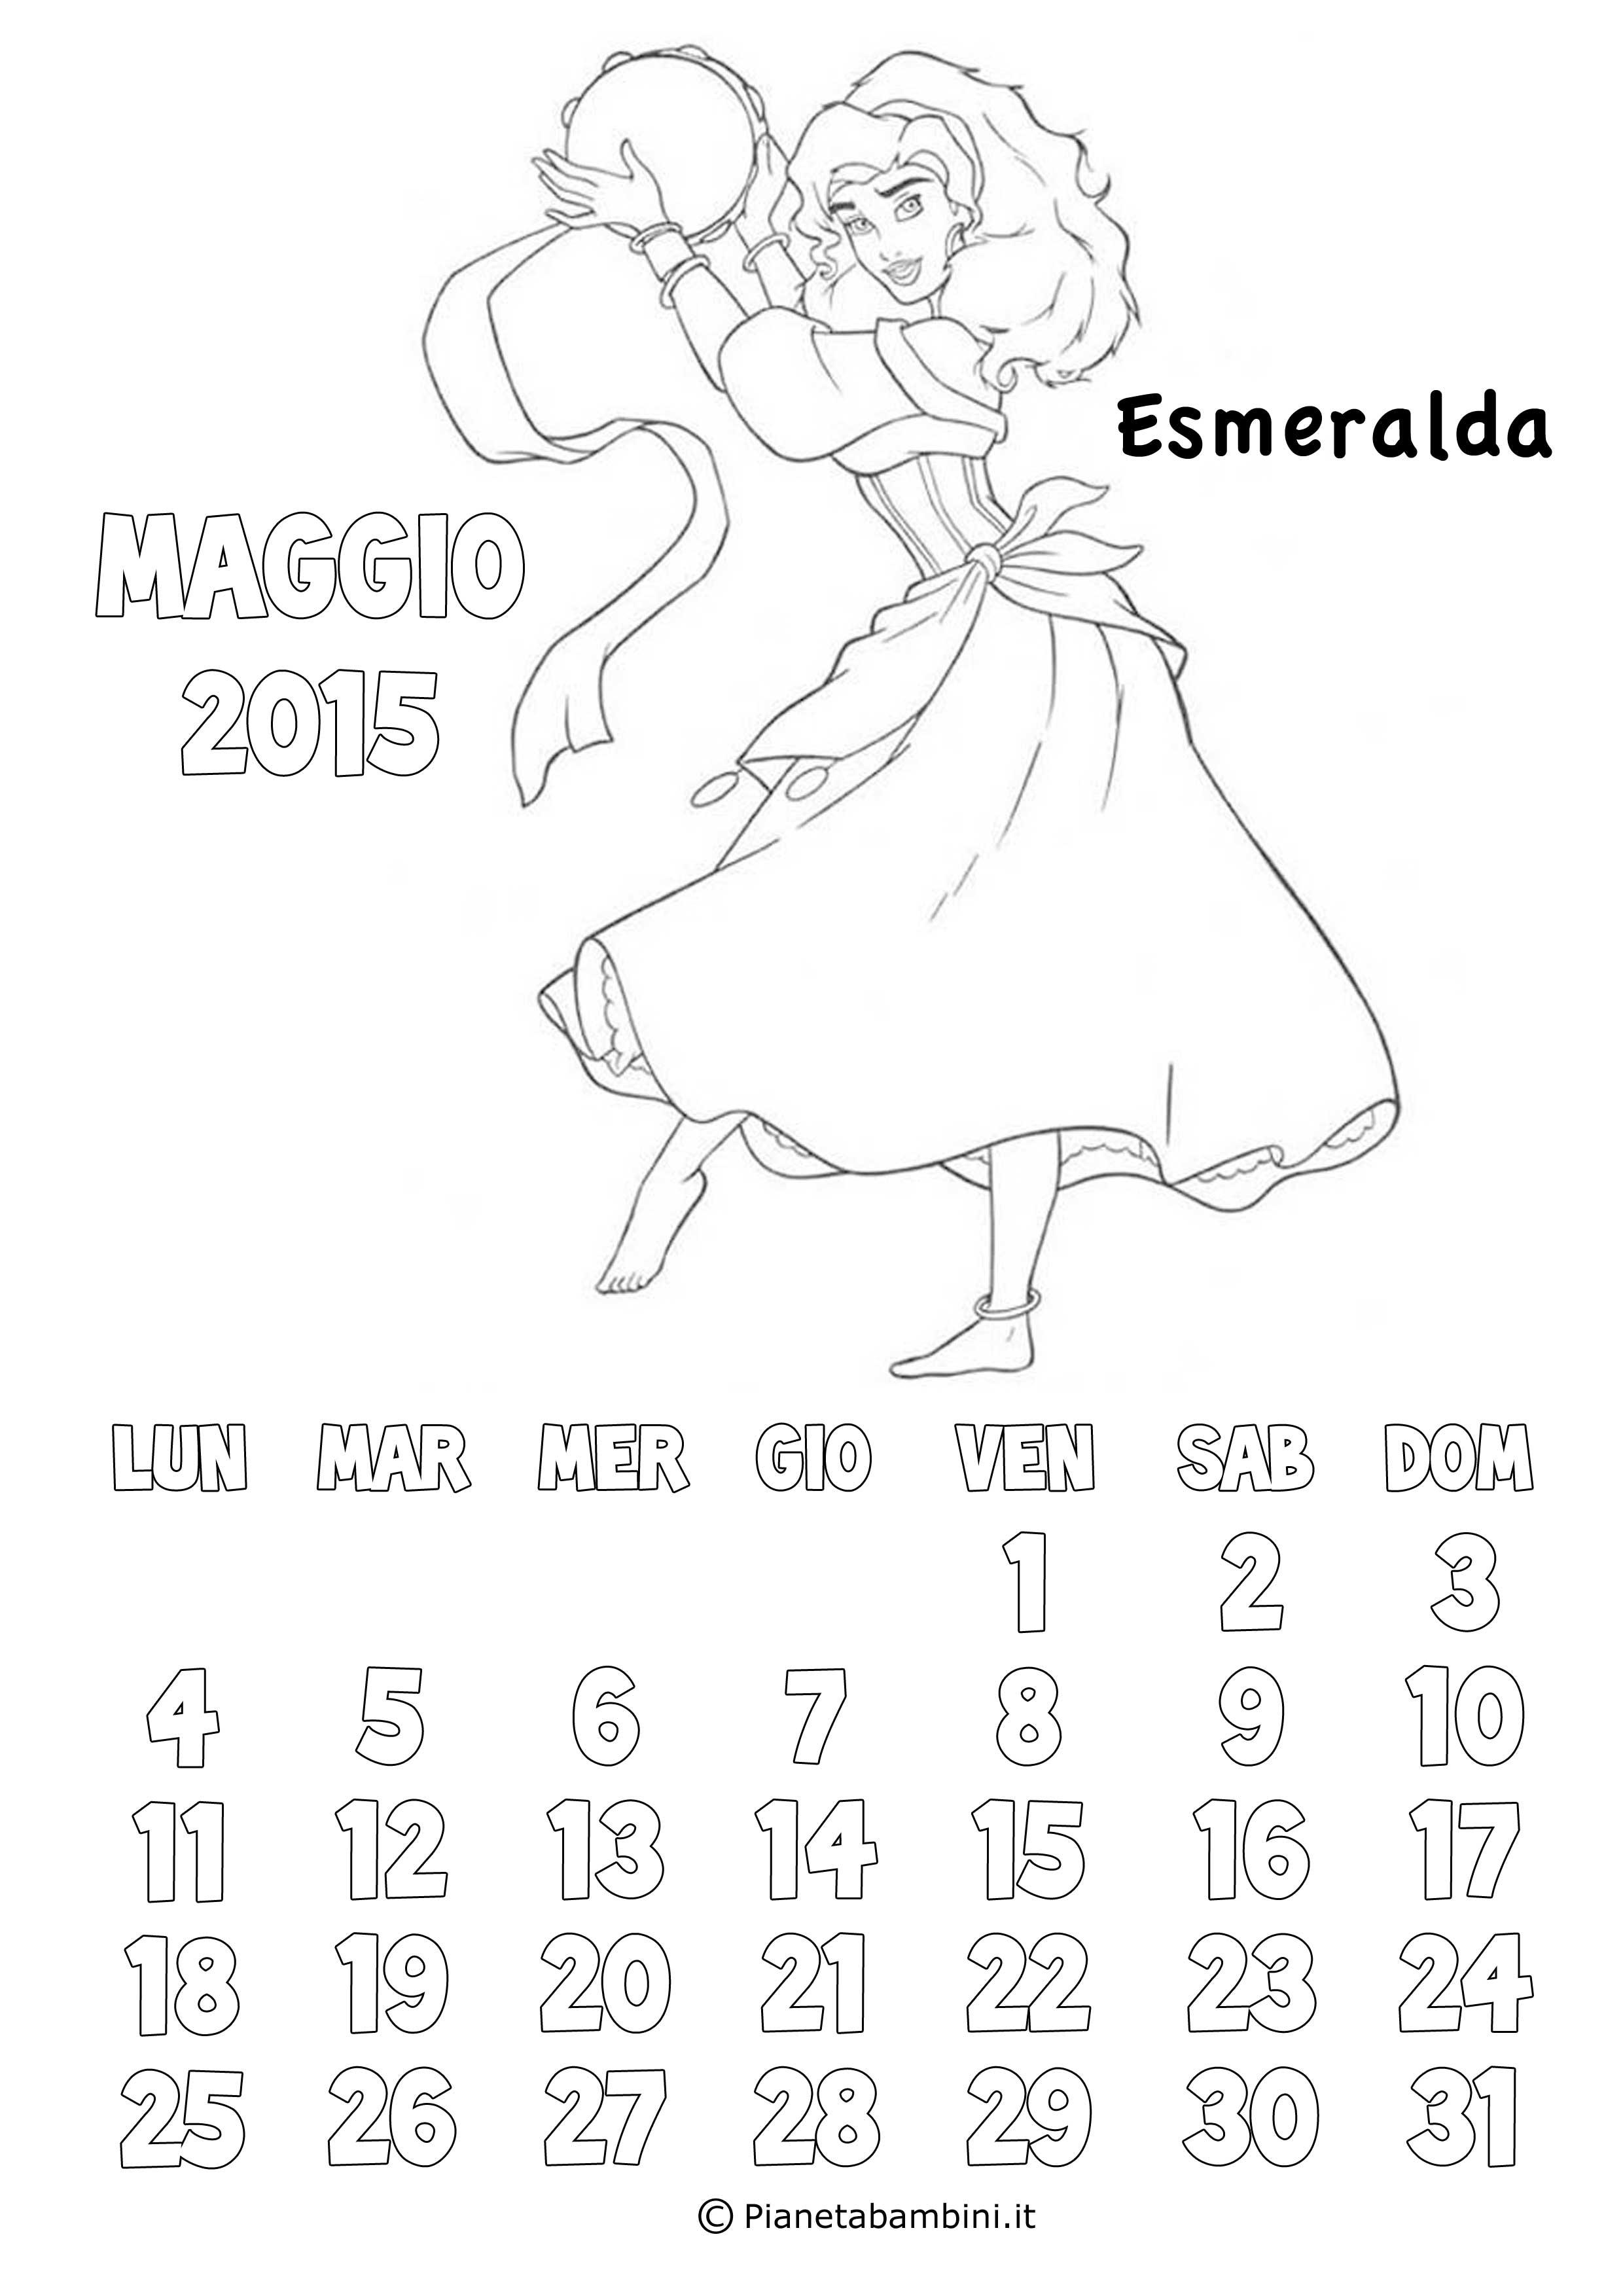 Maggio-2015-Esmeralda